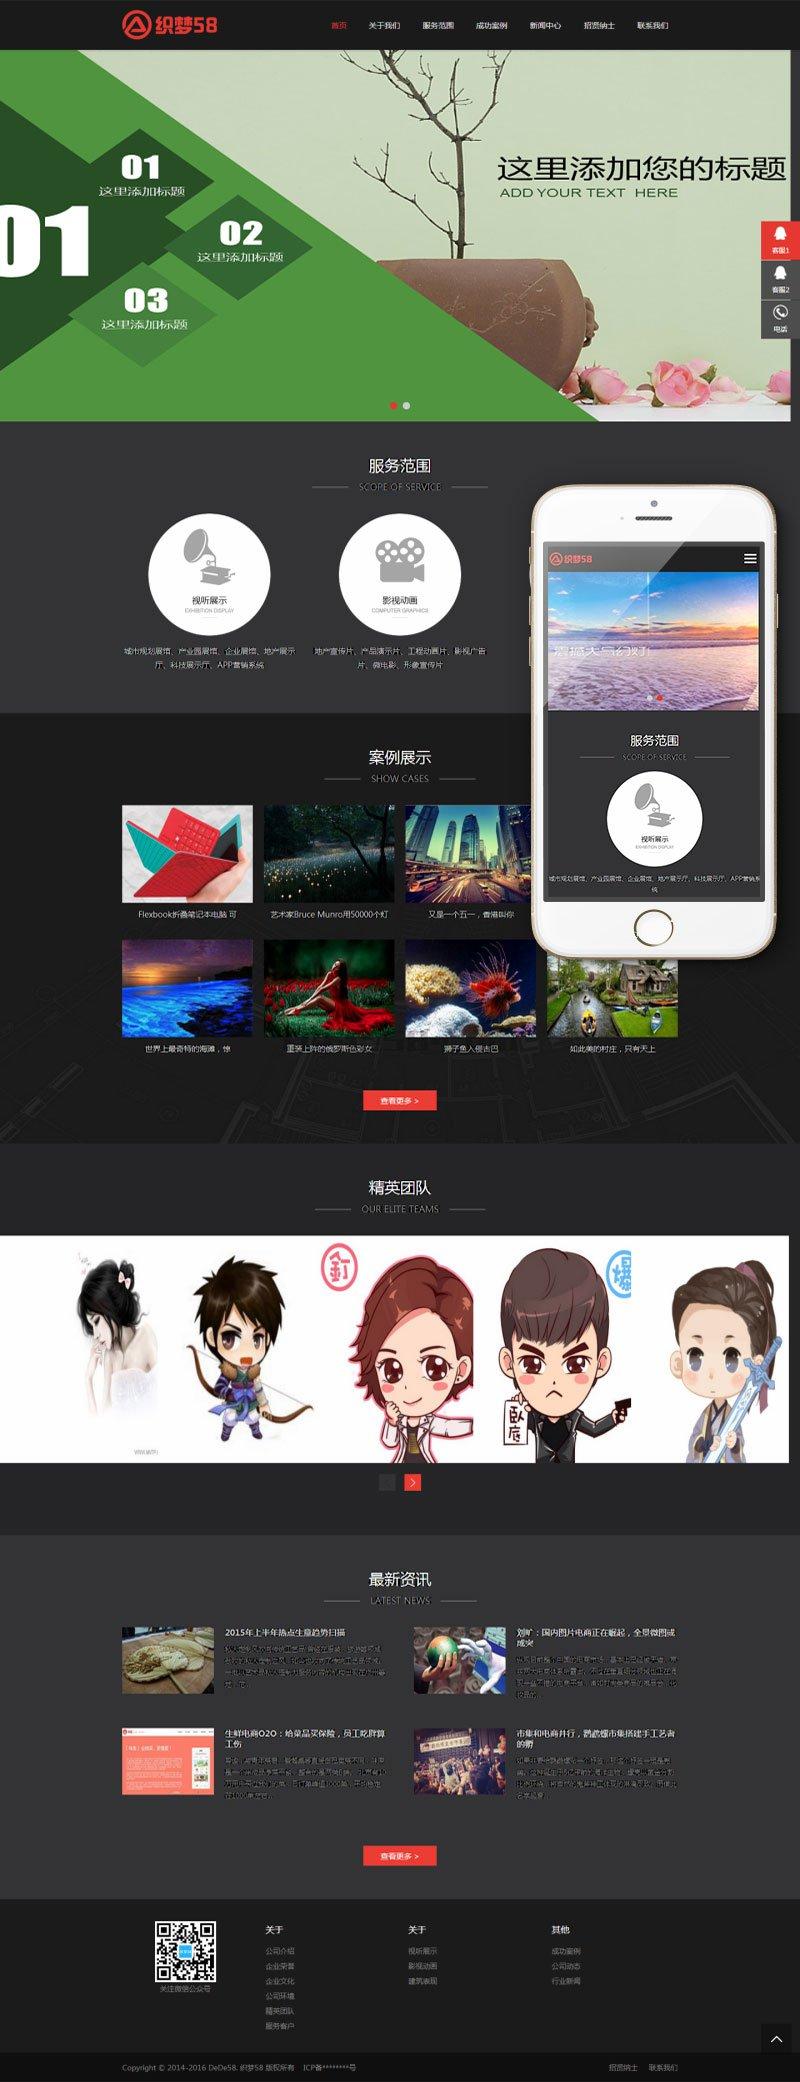 织梦HTML5自响应式影视动画、文化传媒类网站织梦模板(自适应设备)利于做SEO